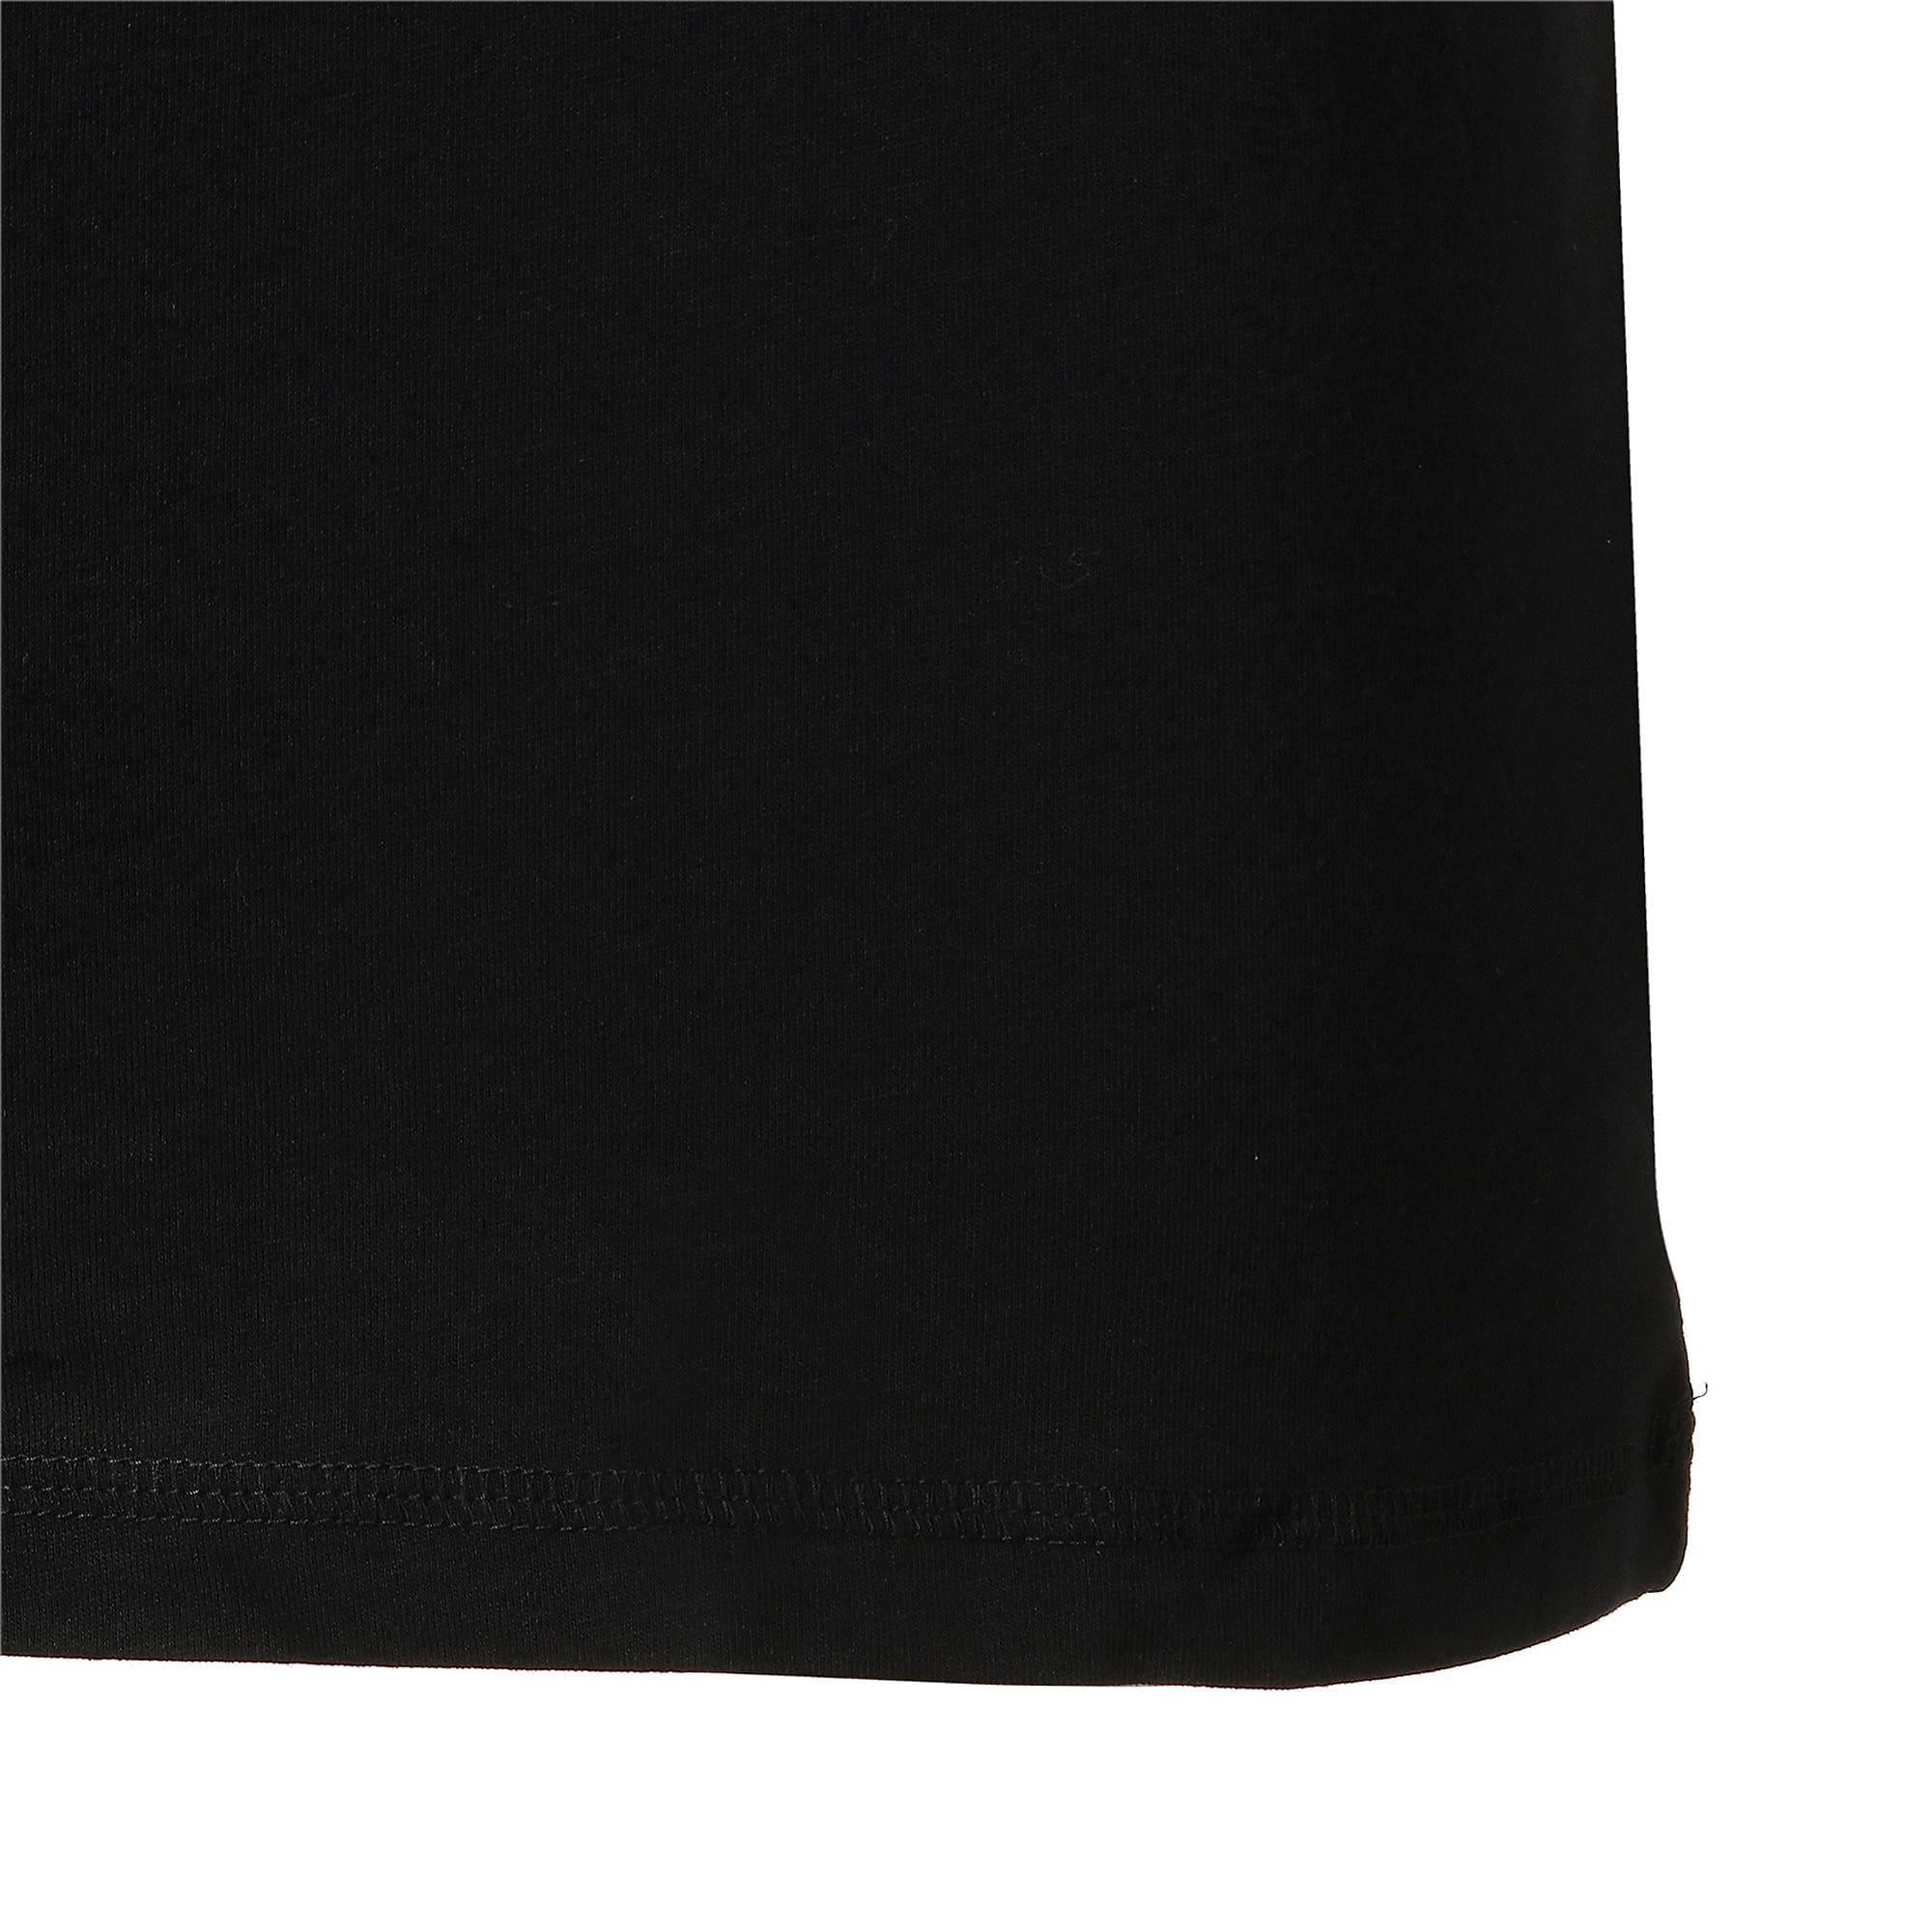 Thumbnail 6 of PUMA x TYAKASHA Tシャツ, Cotton Black, medium-JPN